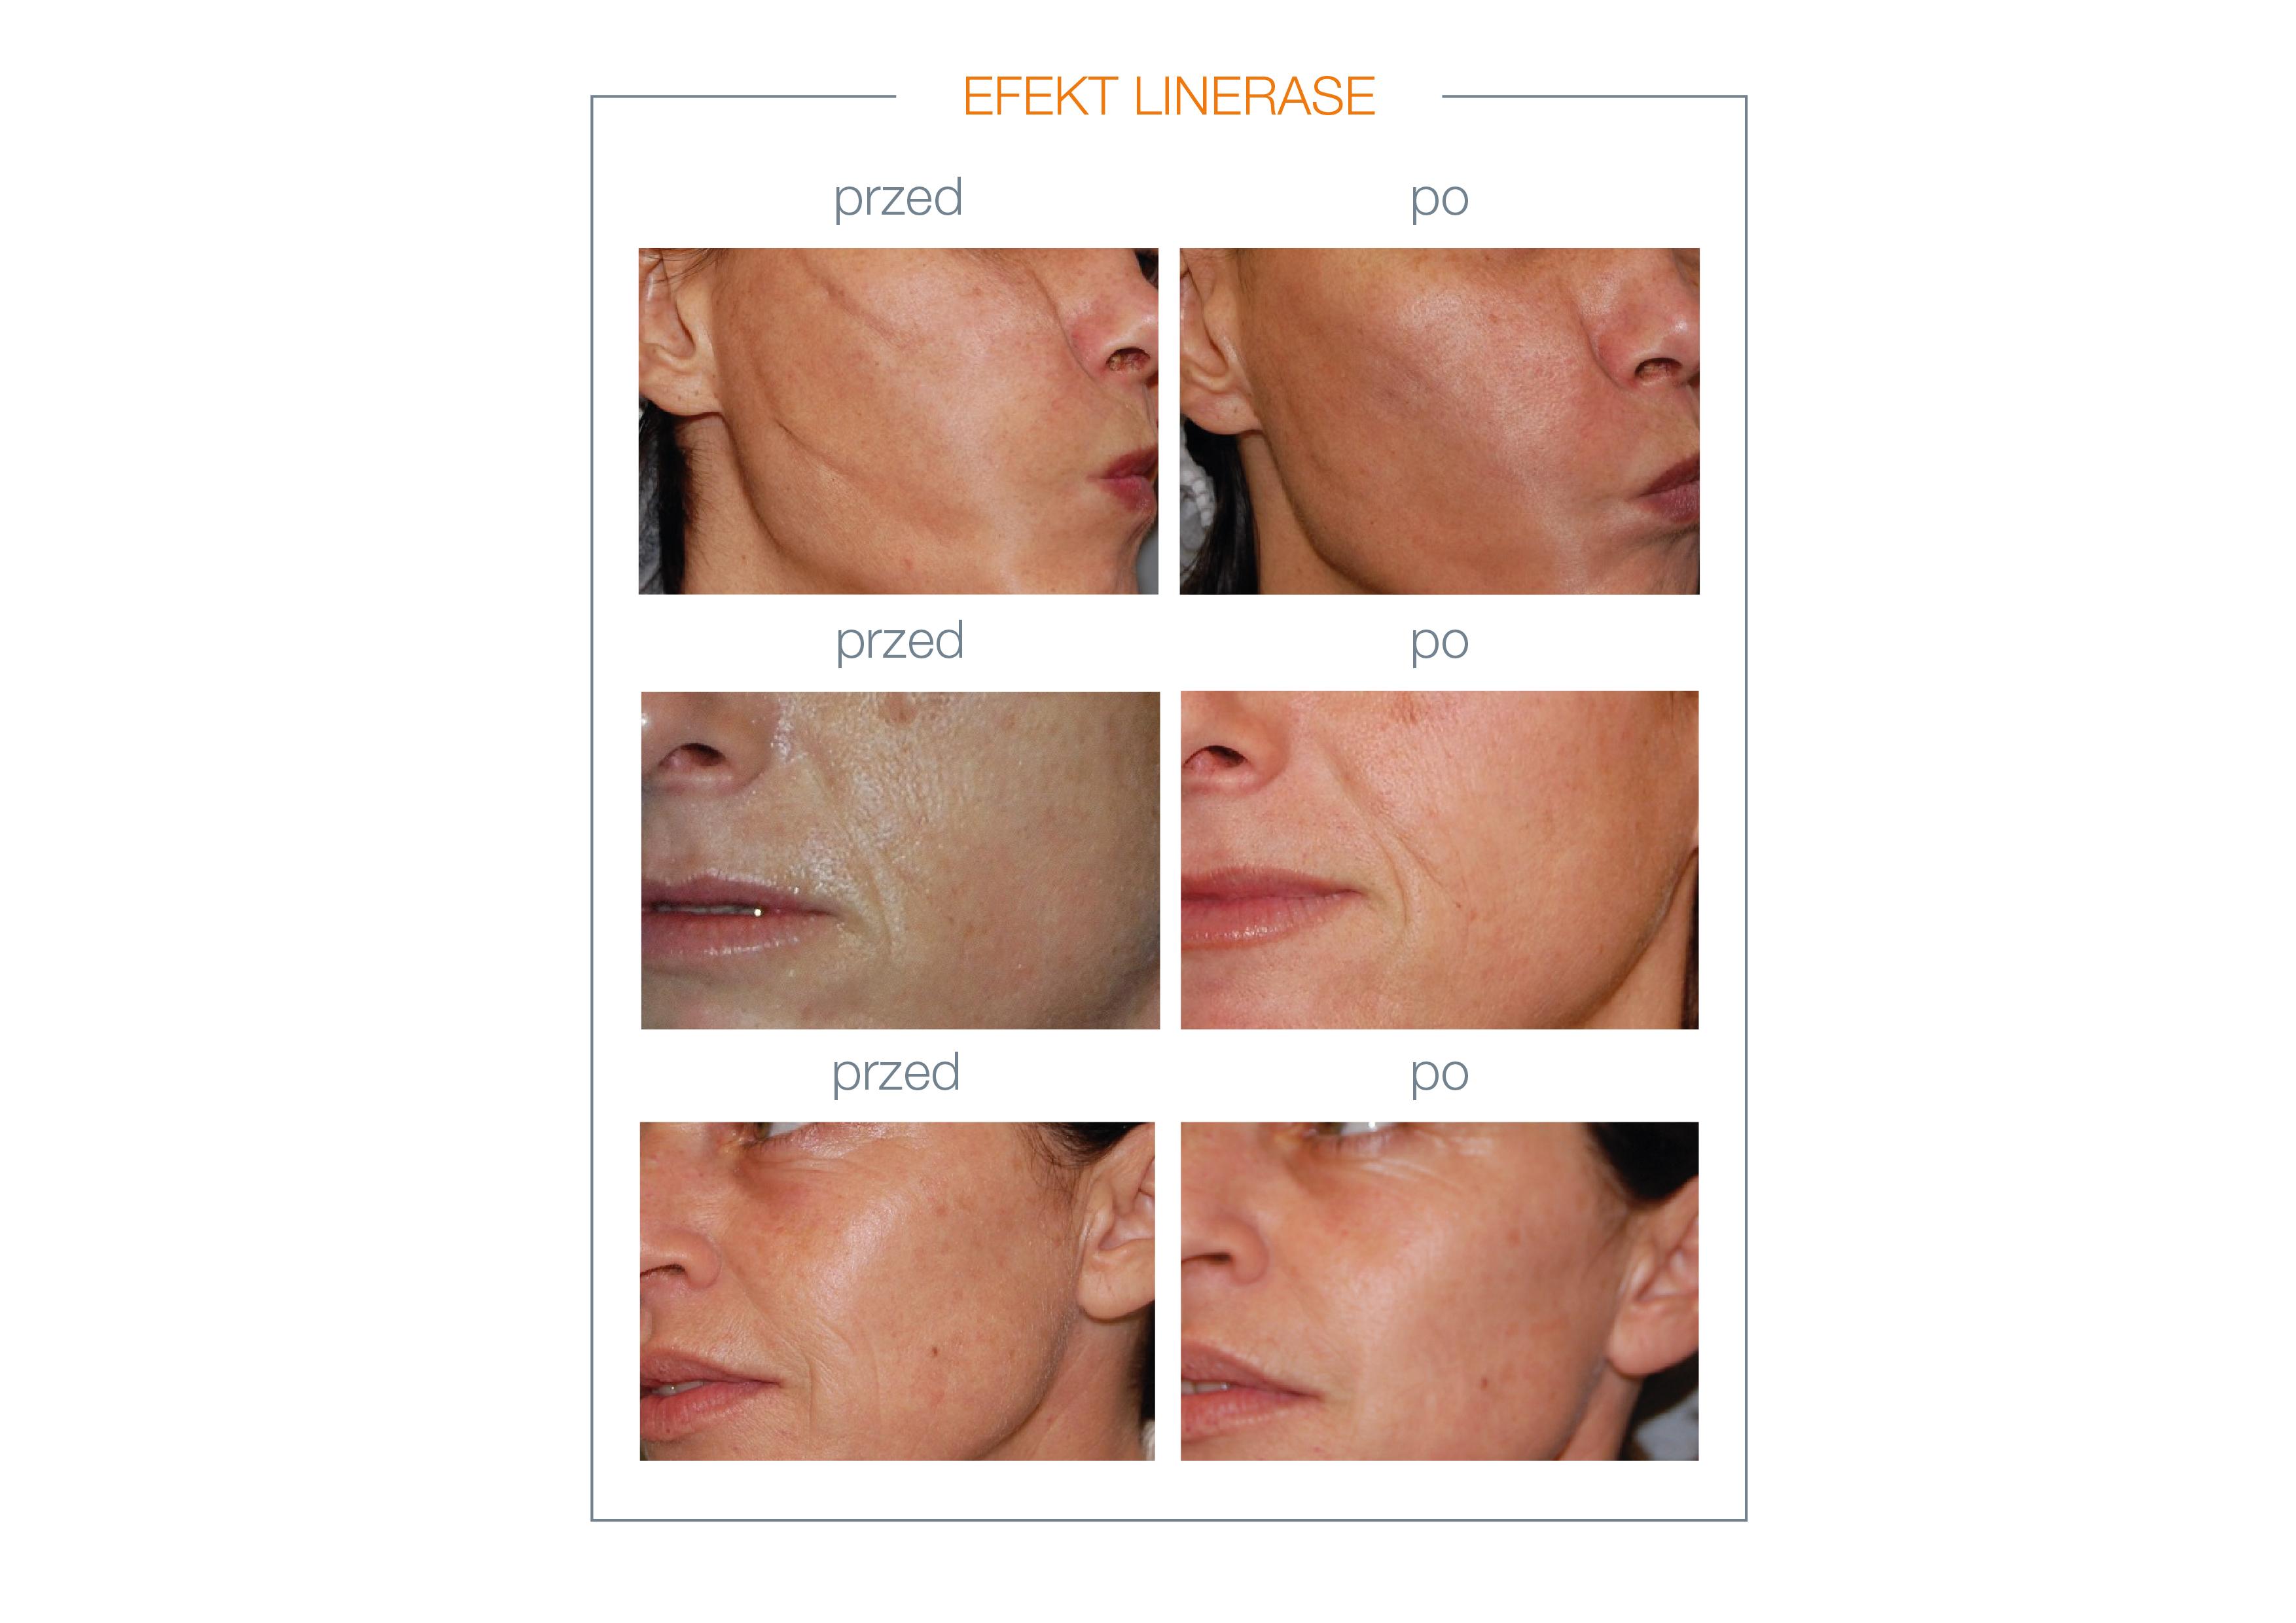 Linerase - efekty przed i po